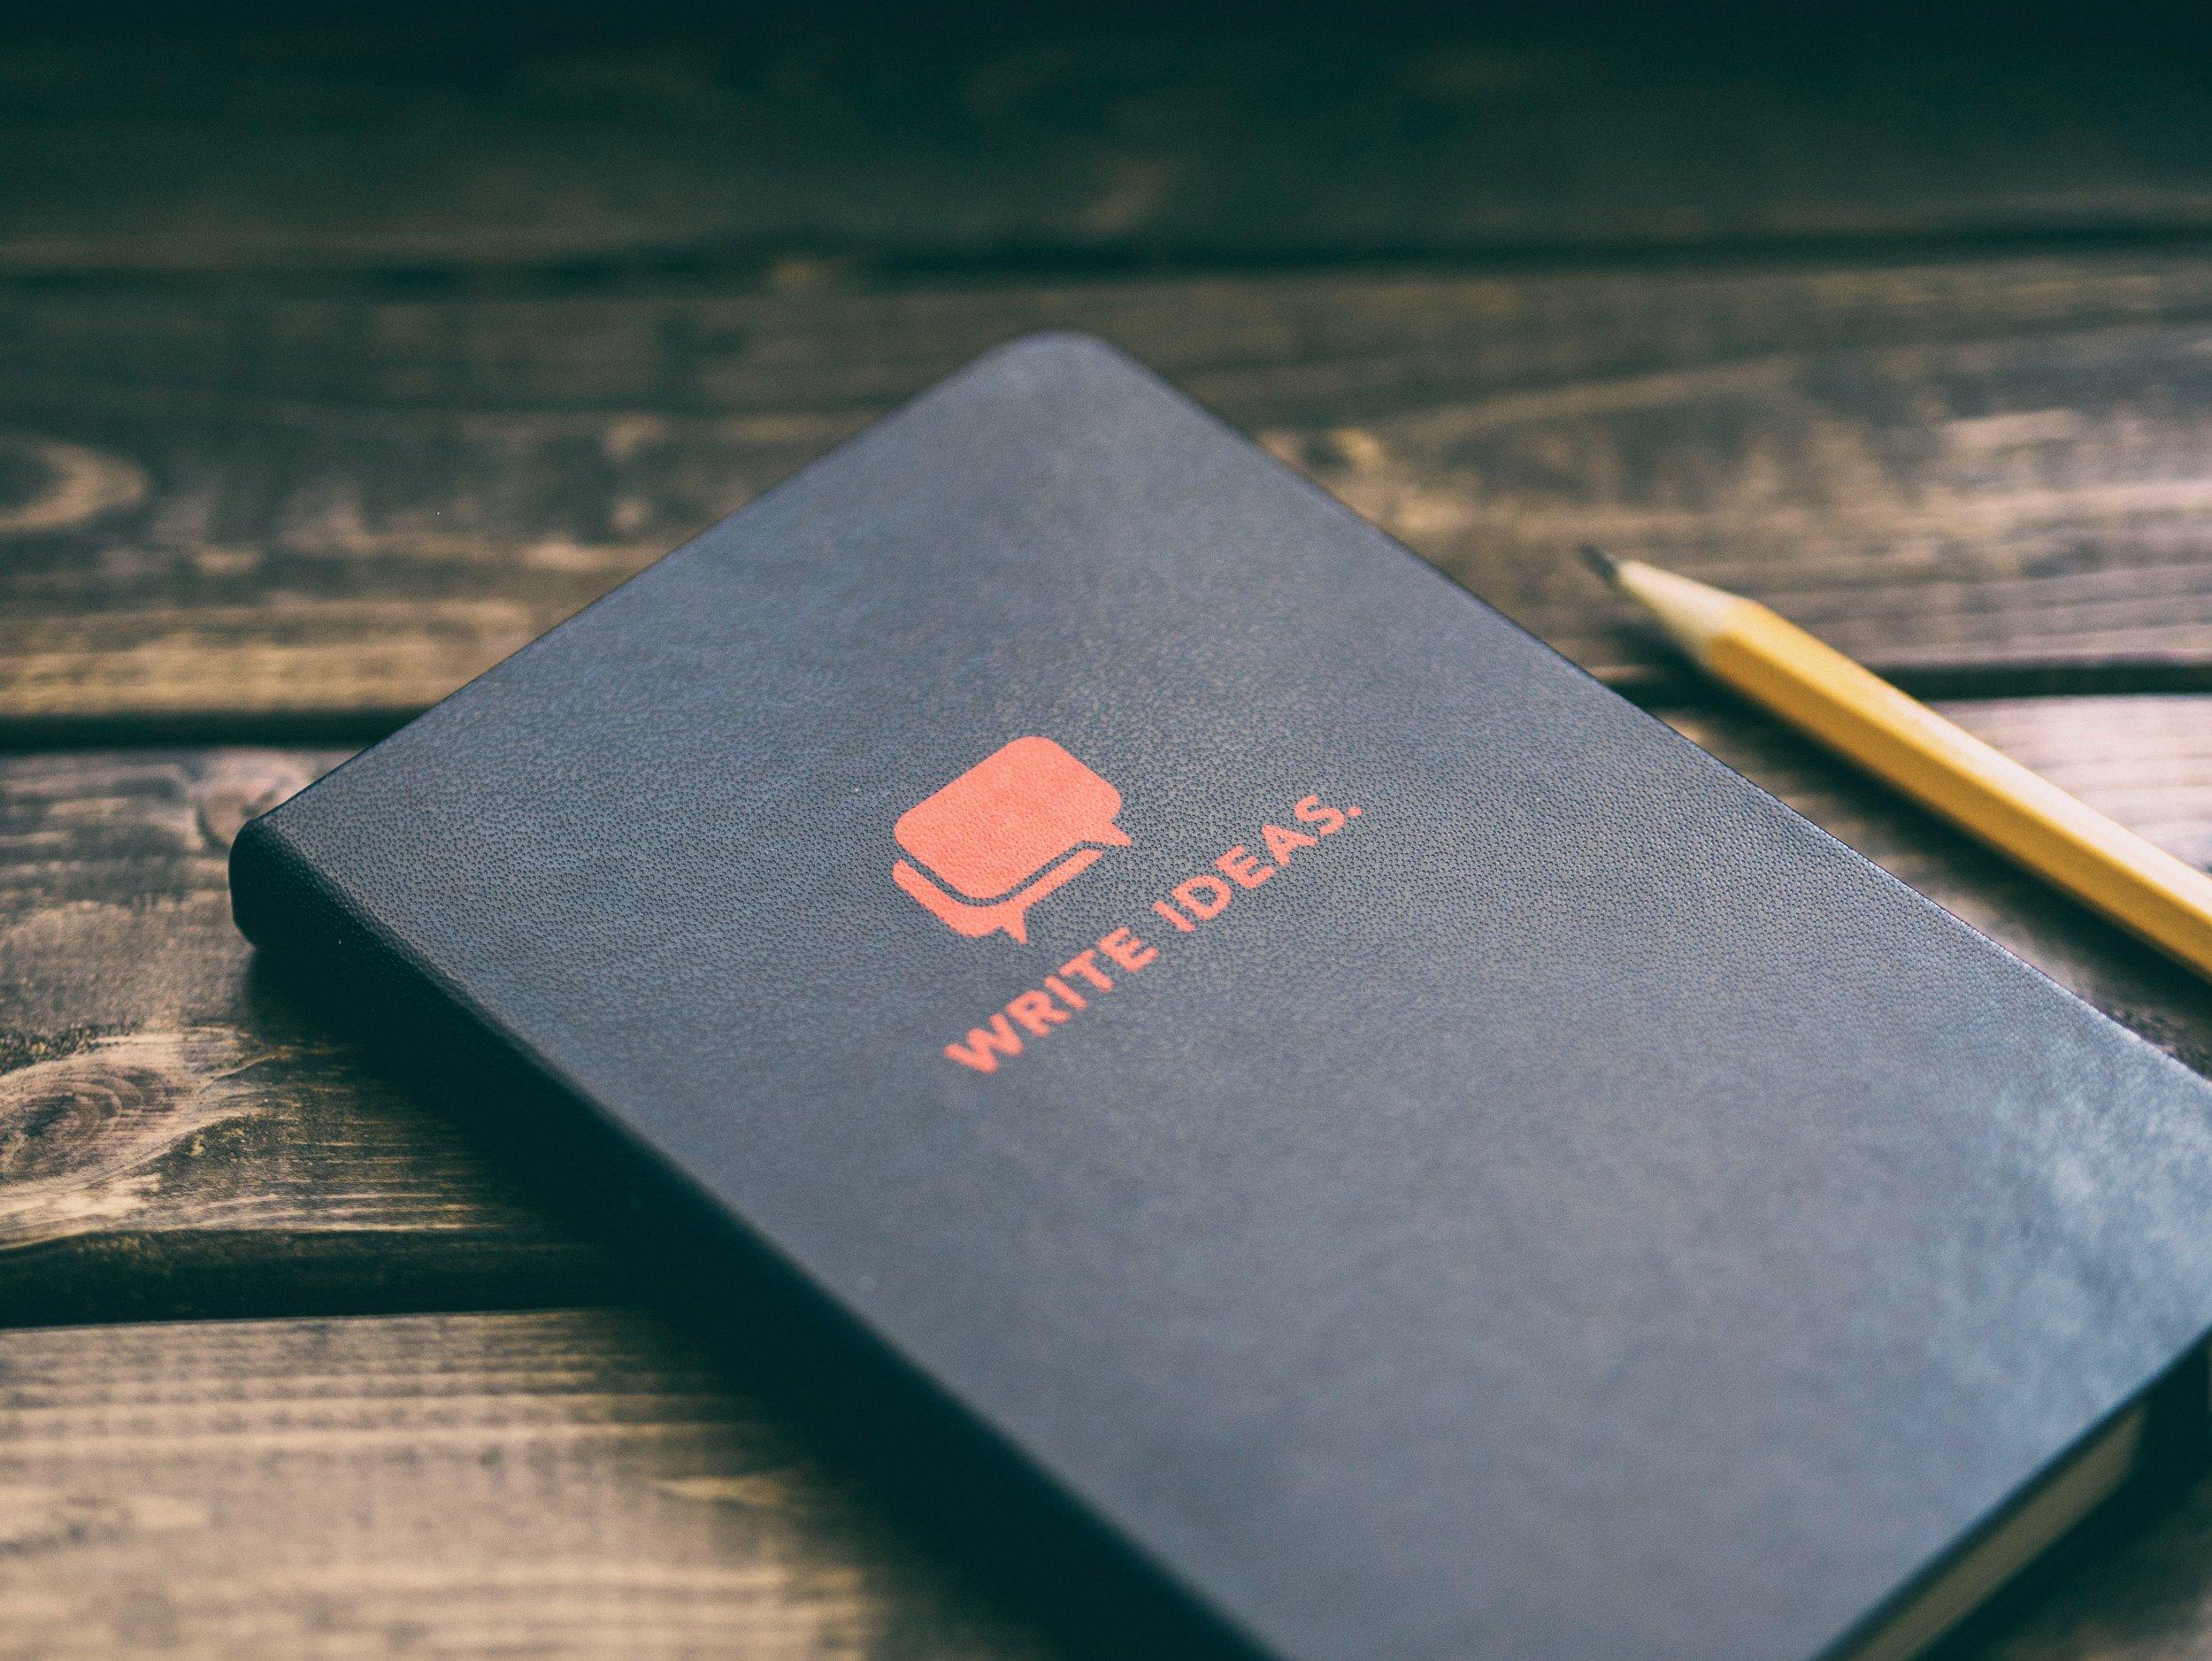 Testing book idea